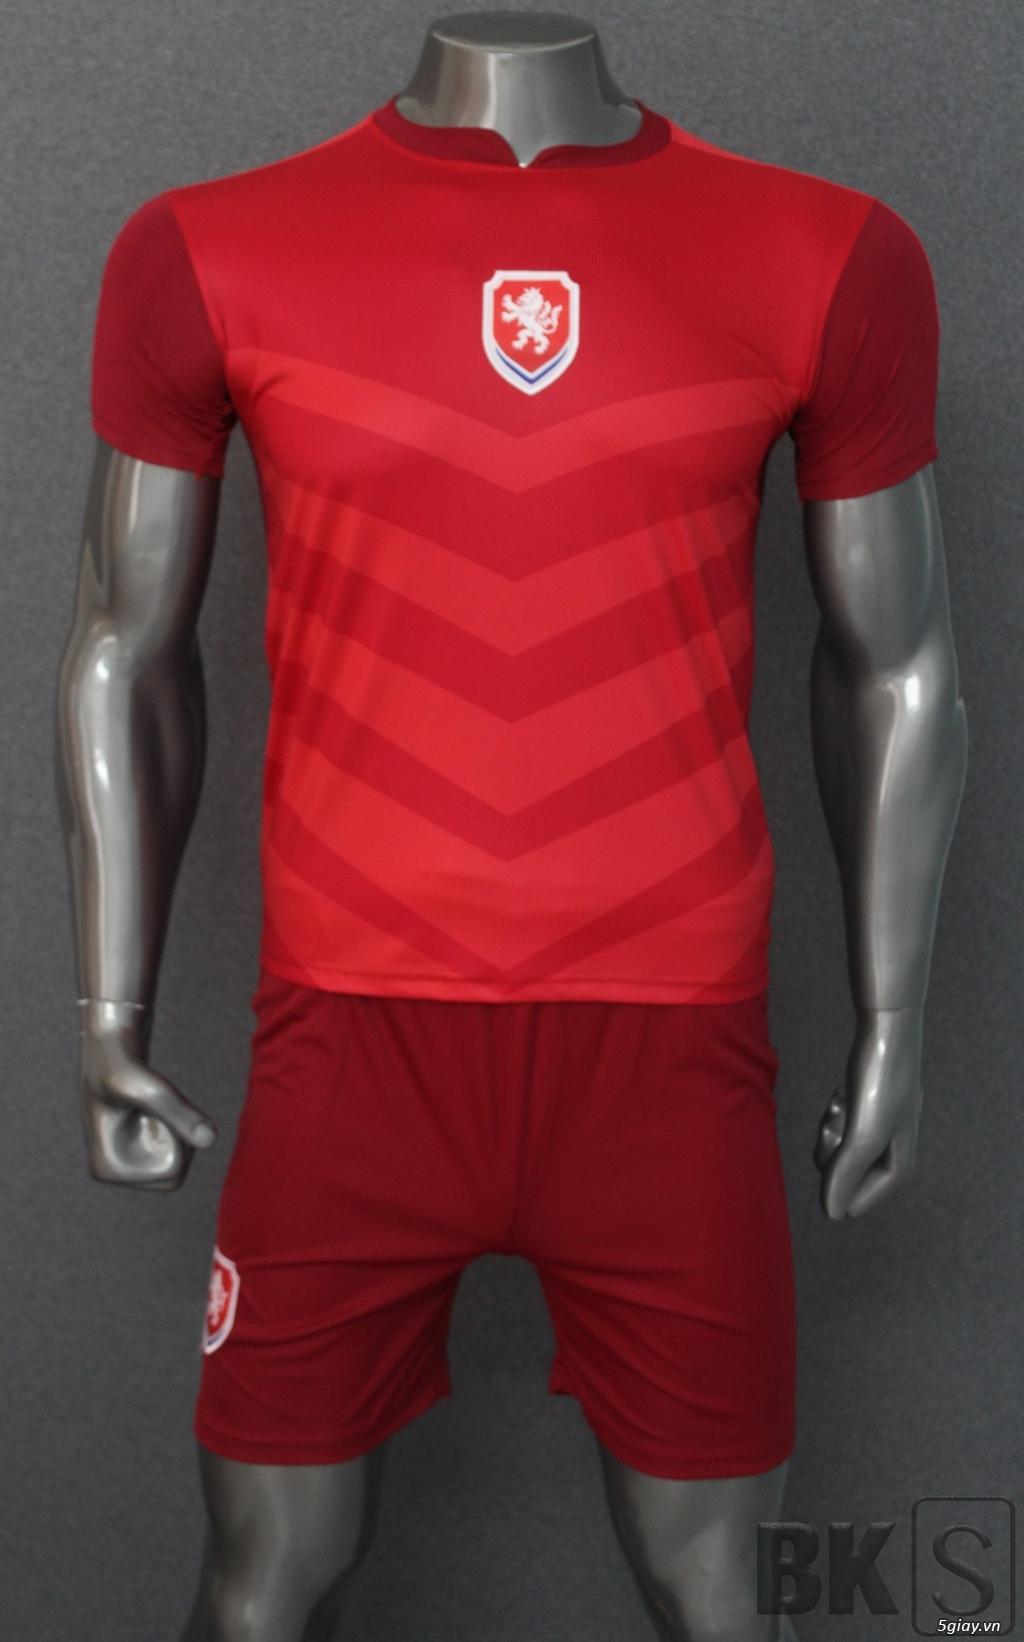 Áo bóng đá HP-địa chỉ gốc sản xuất trang phục thể thao số 1 Việt Nam - 2